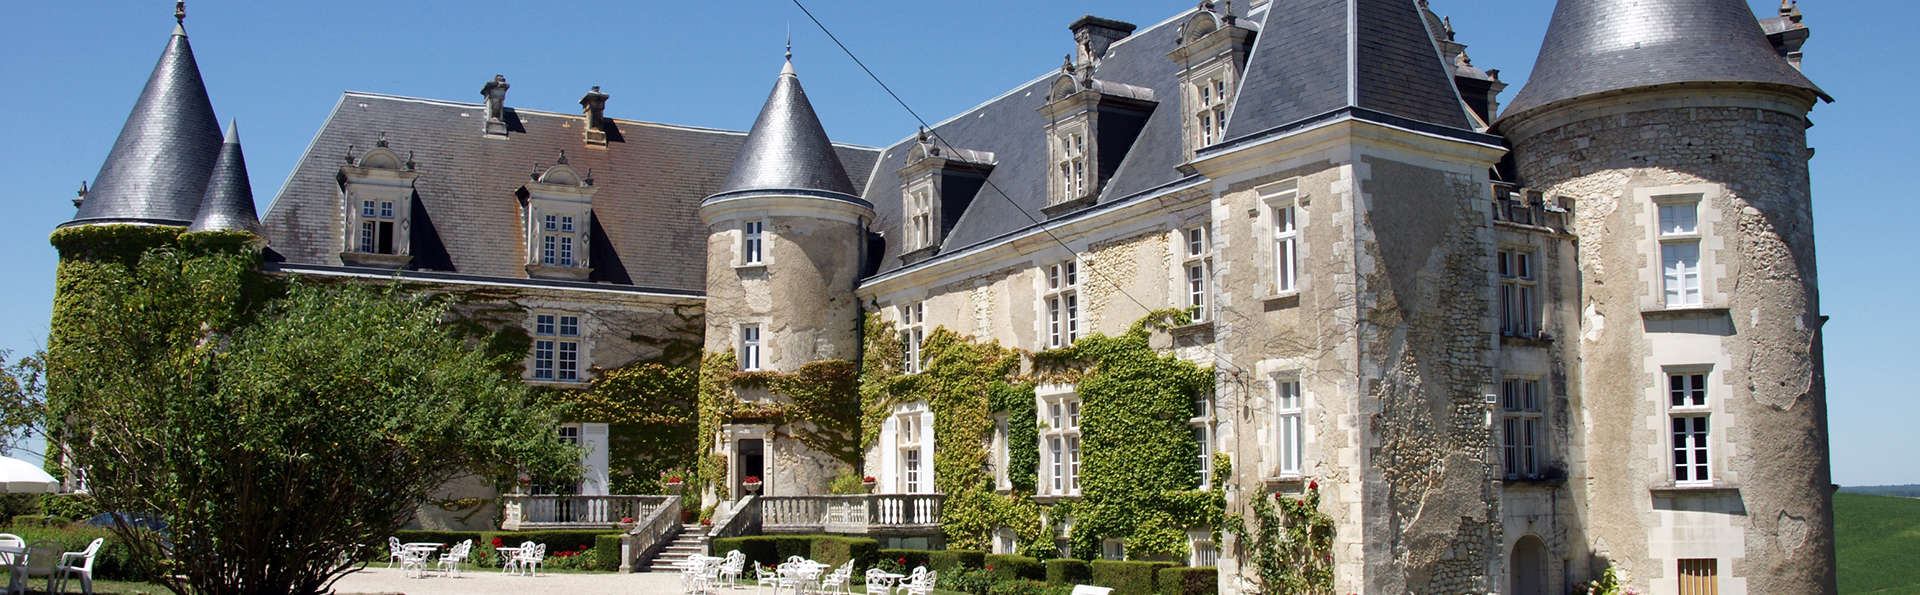 Château de La Côte - EDIT_front5.jpg